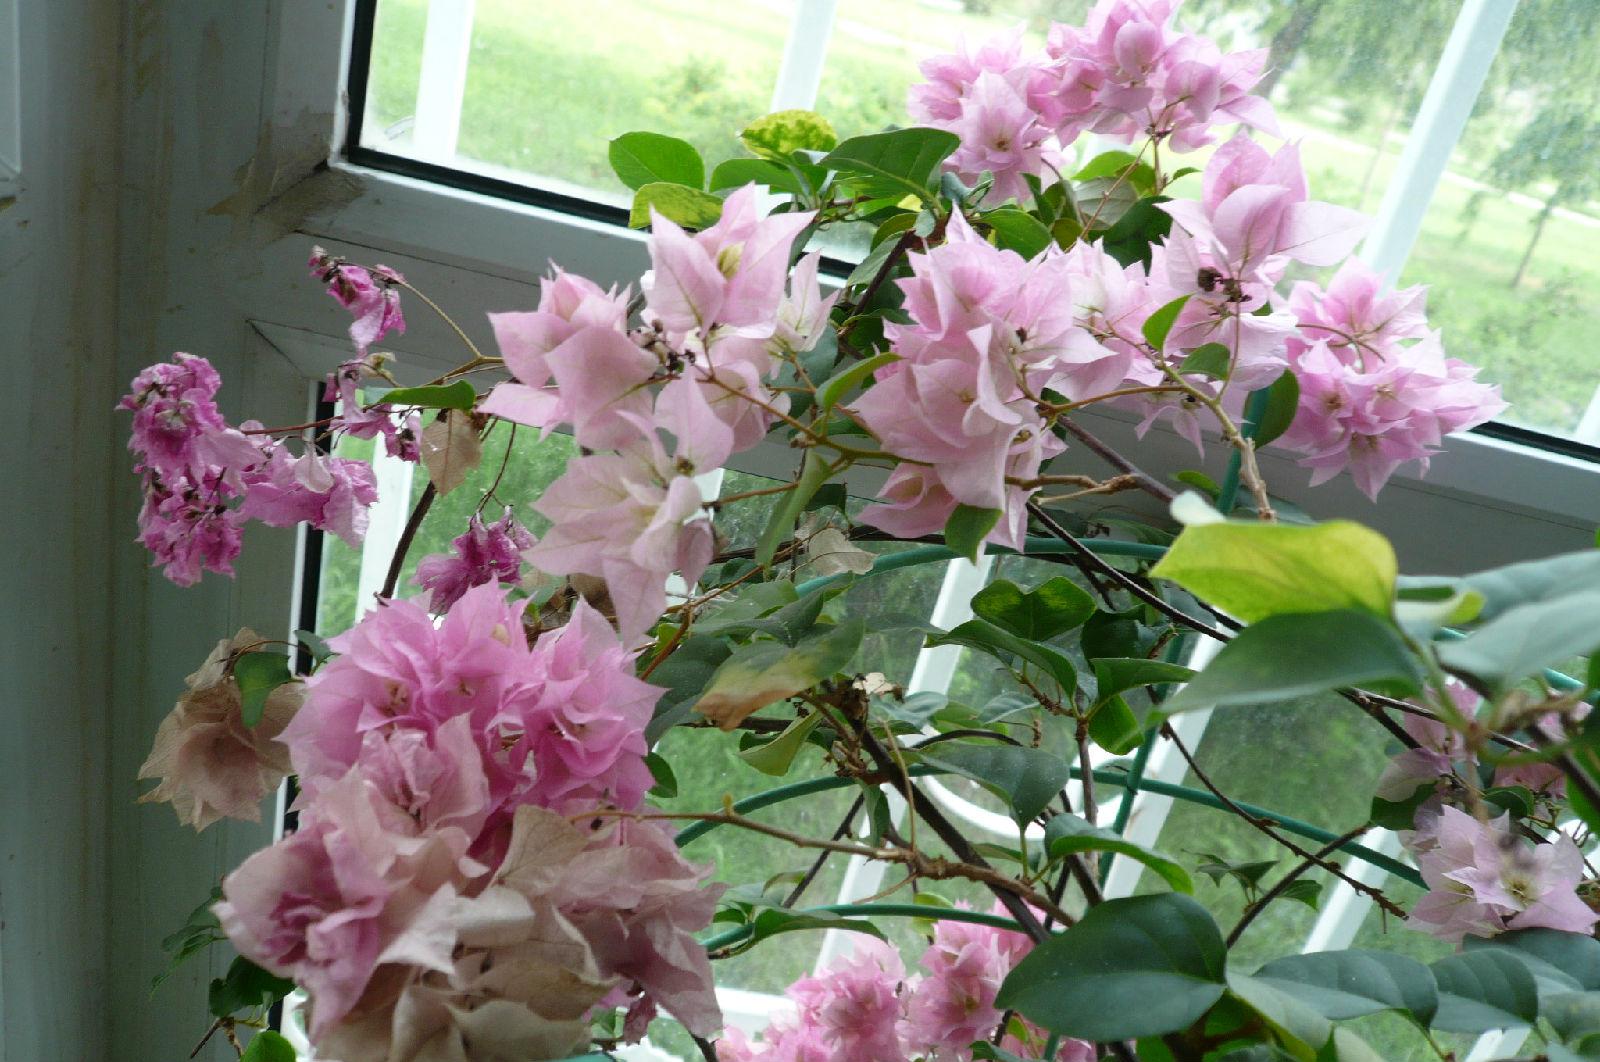 各种家养花的-过多修剪.三忌、什么都养,养花是讲究慢养的,有些养花者在养花的